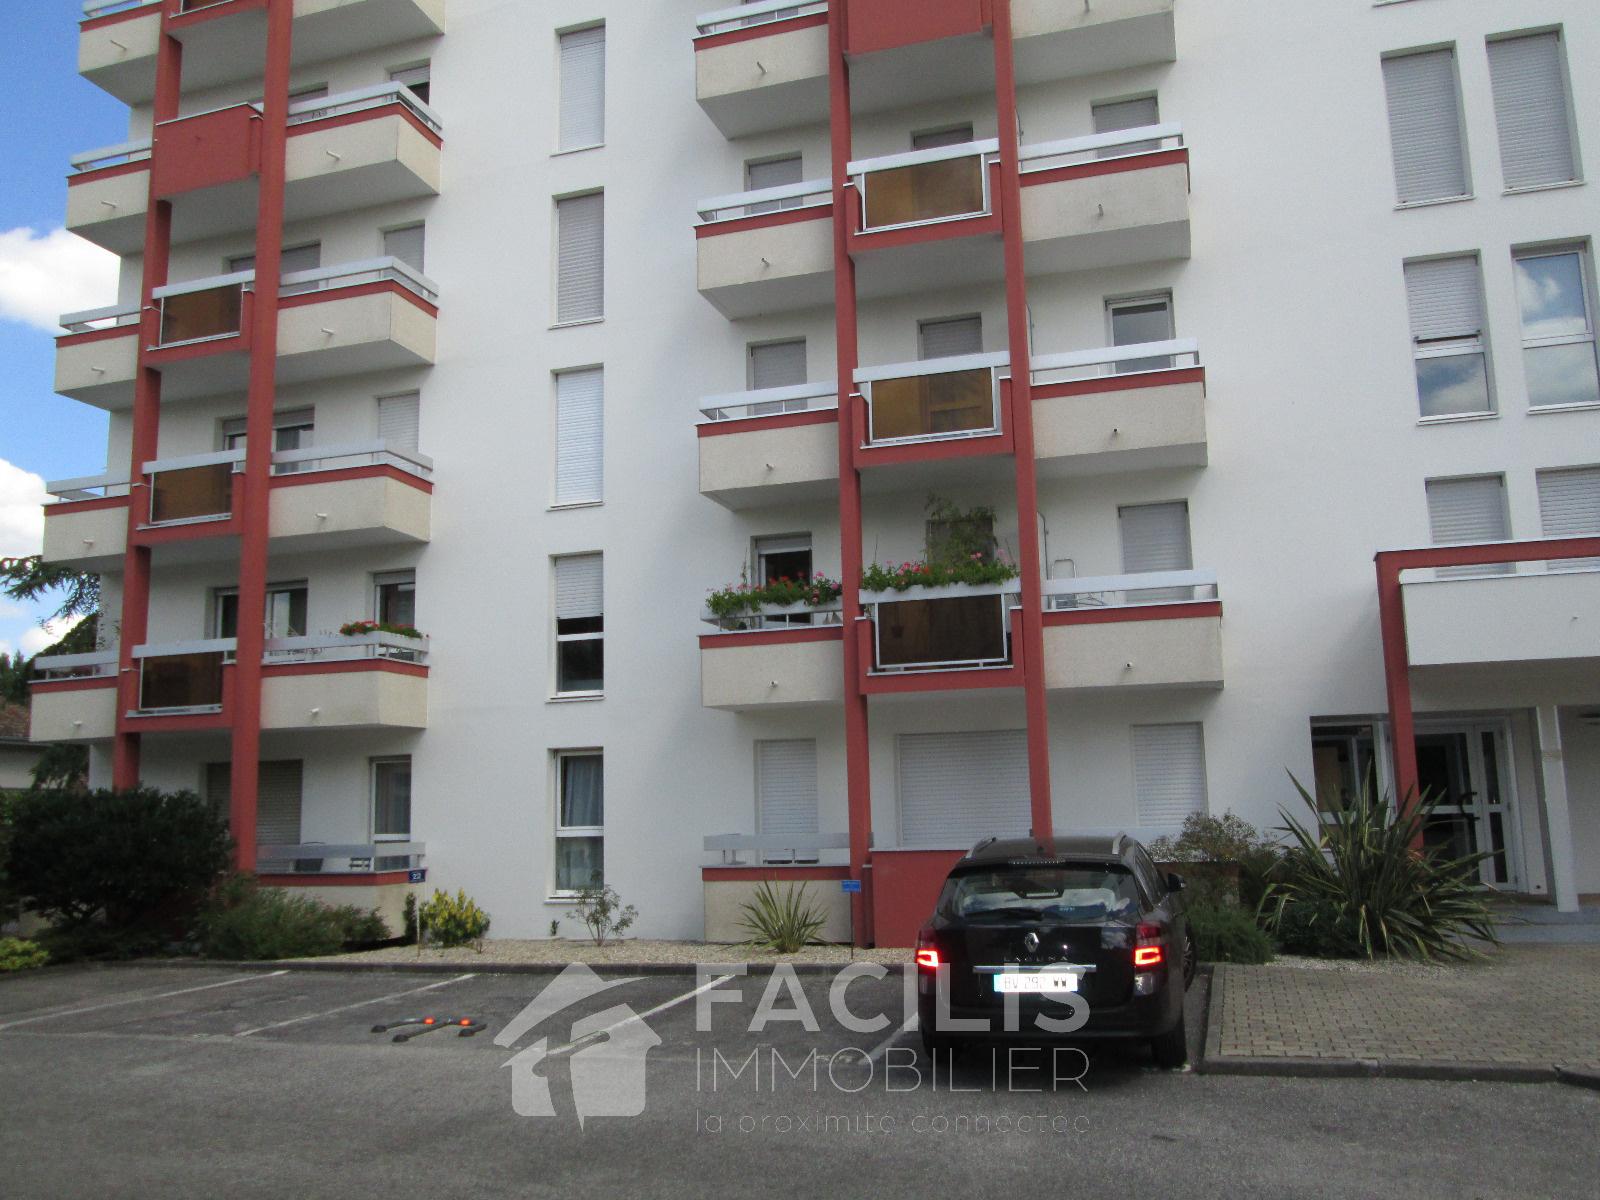 Vente appartement bordeaux 4 pi ces 78m 228 000 sur le for Bordeaux logement